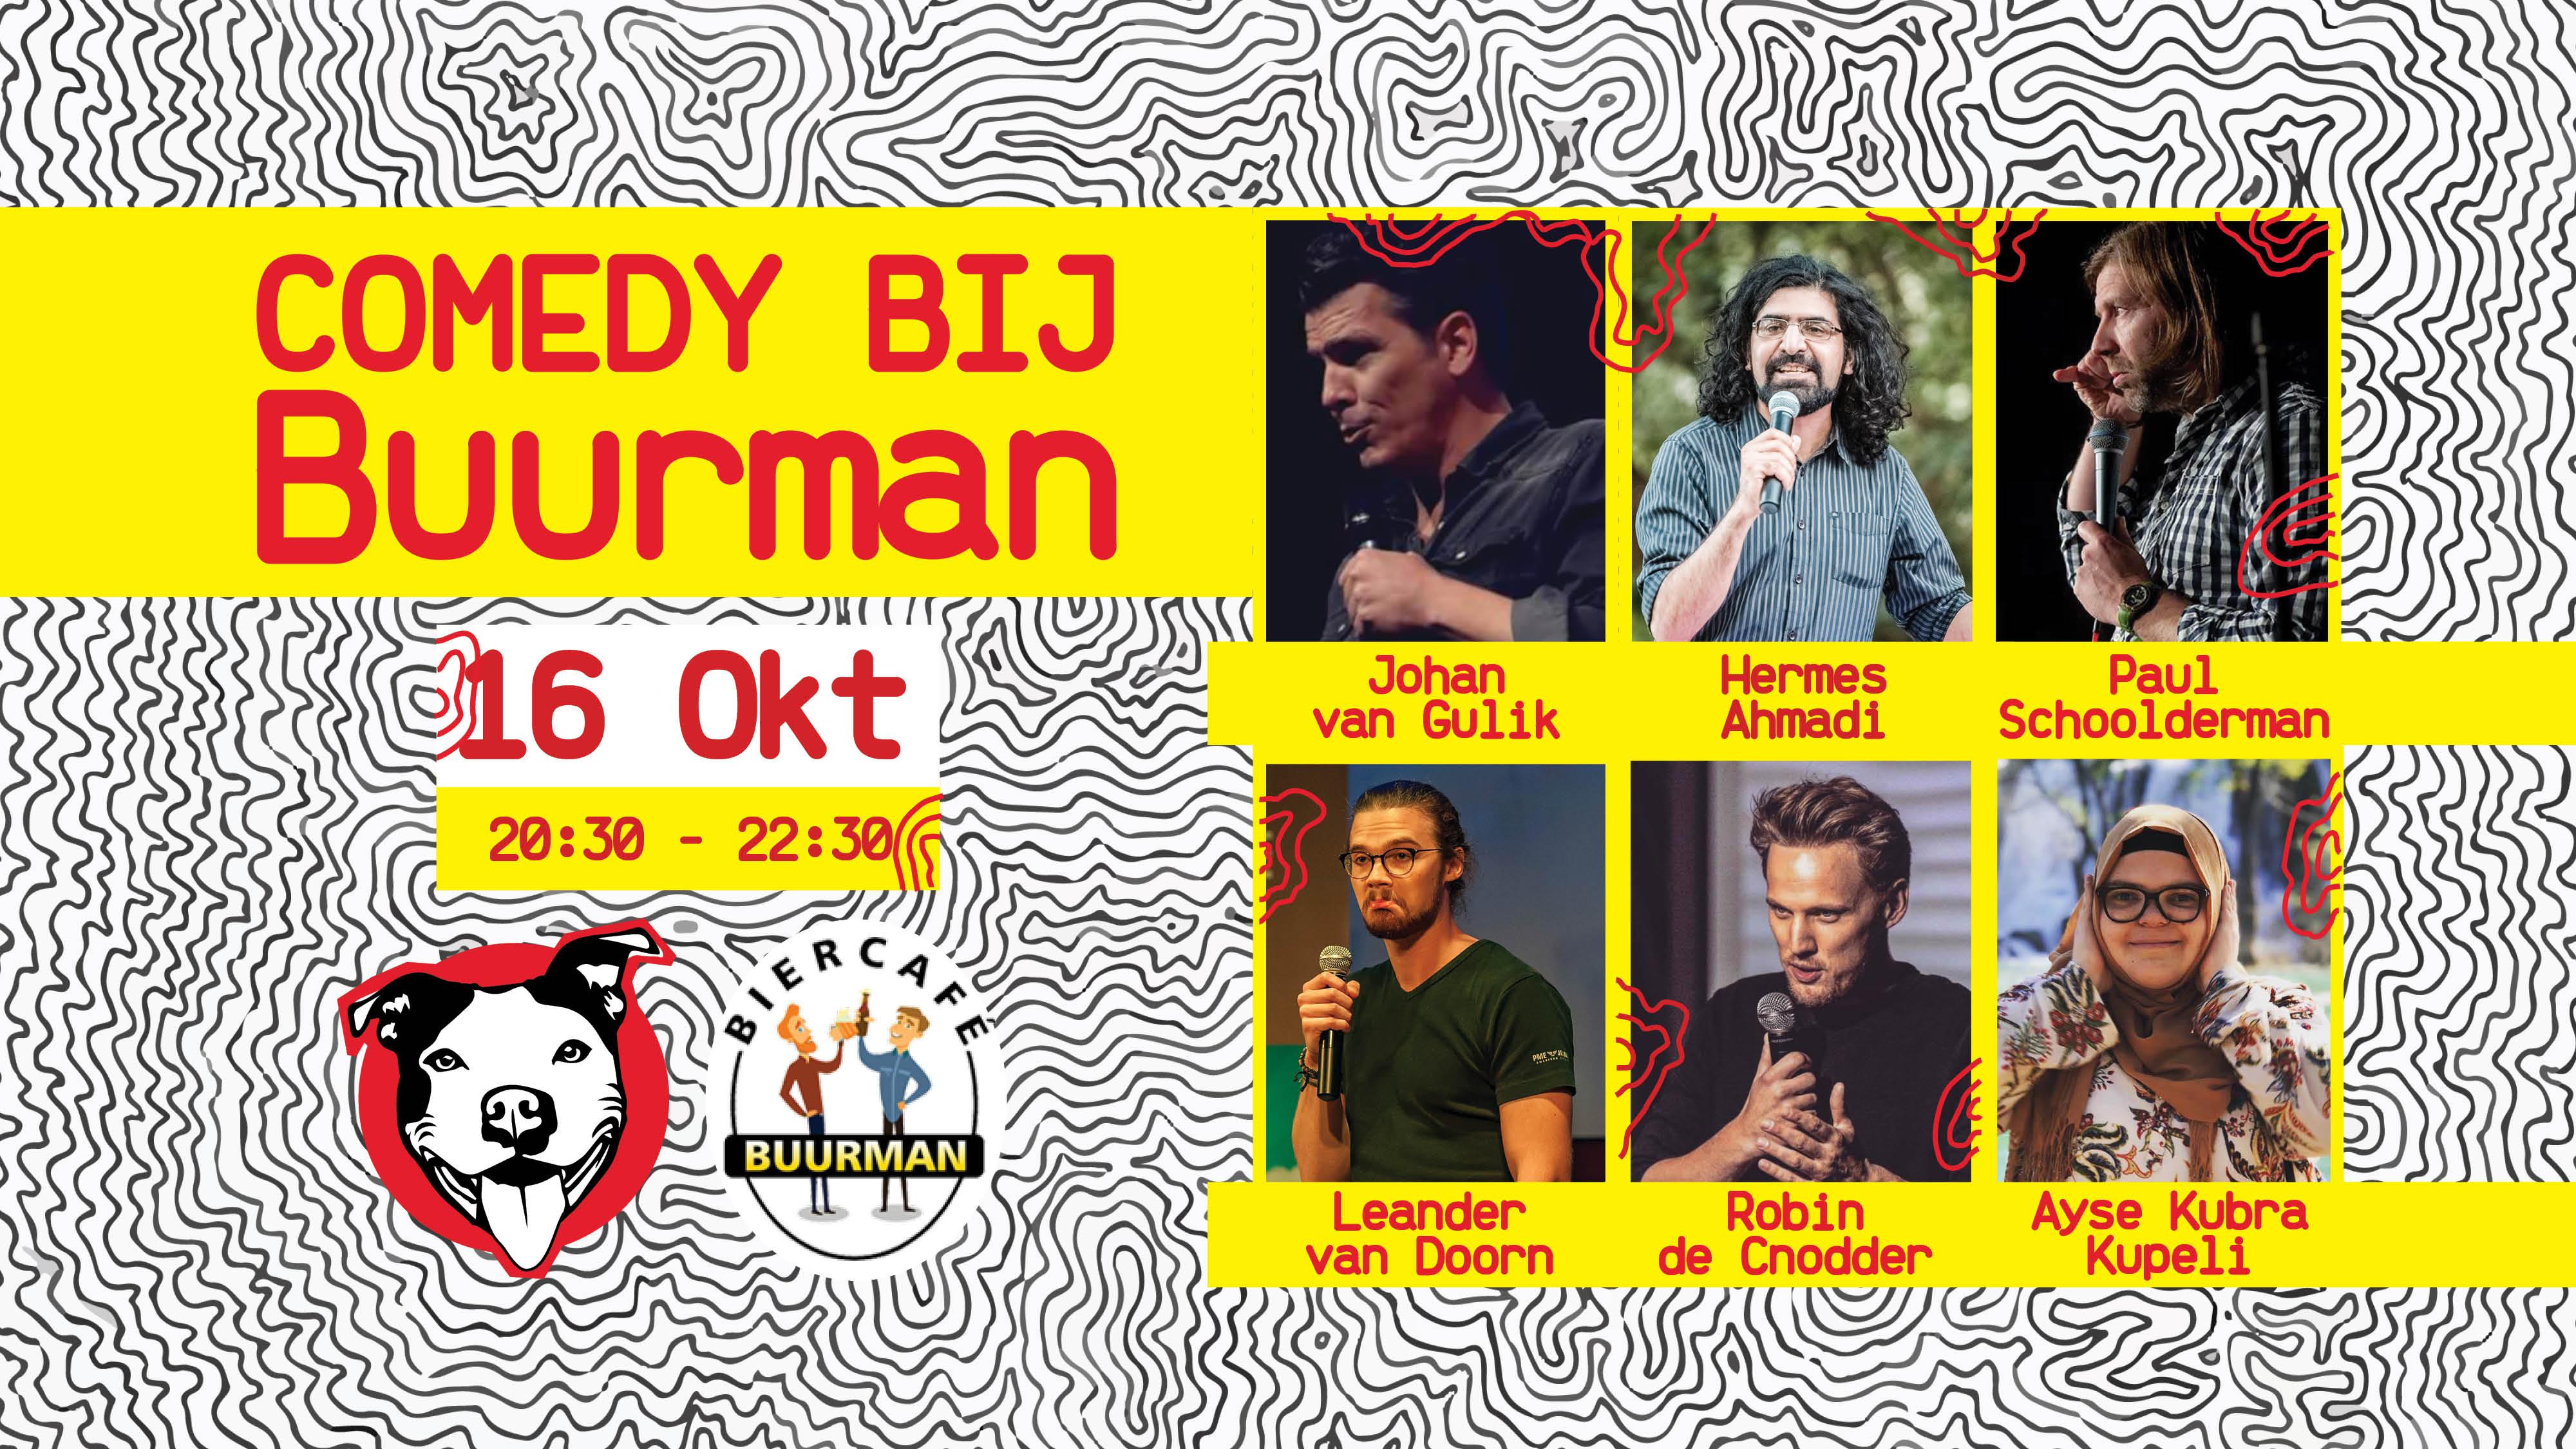 Ticket kopen voor evenement Comedy bij Buurman